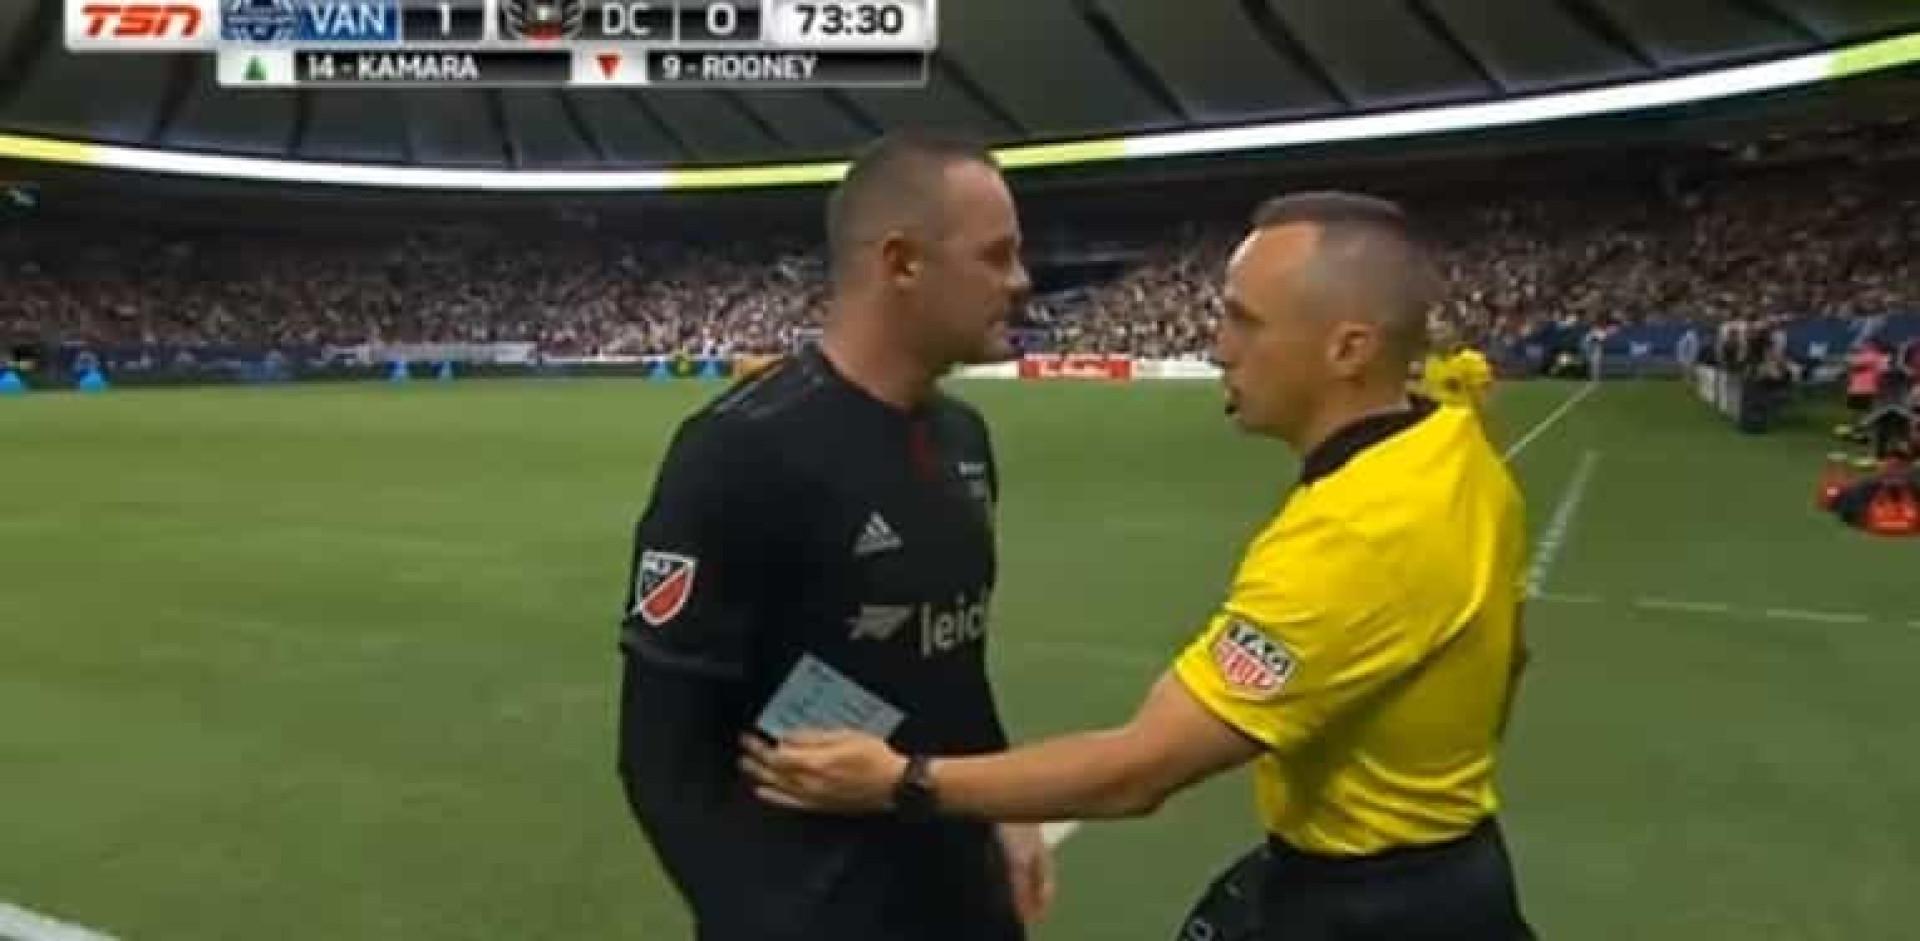 """Rooney de cabeça perdida com árbitro: """"A mesma m**** todos os jogos"""""""